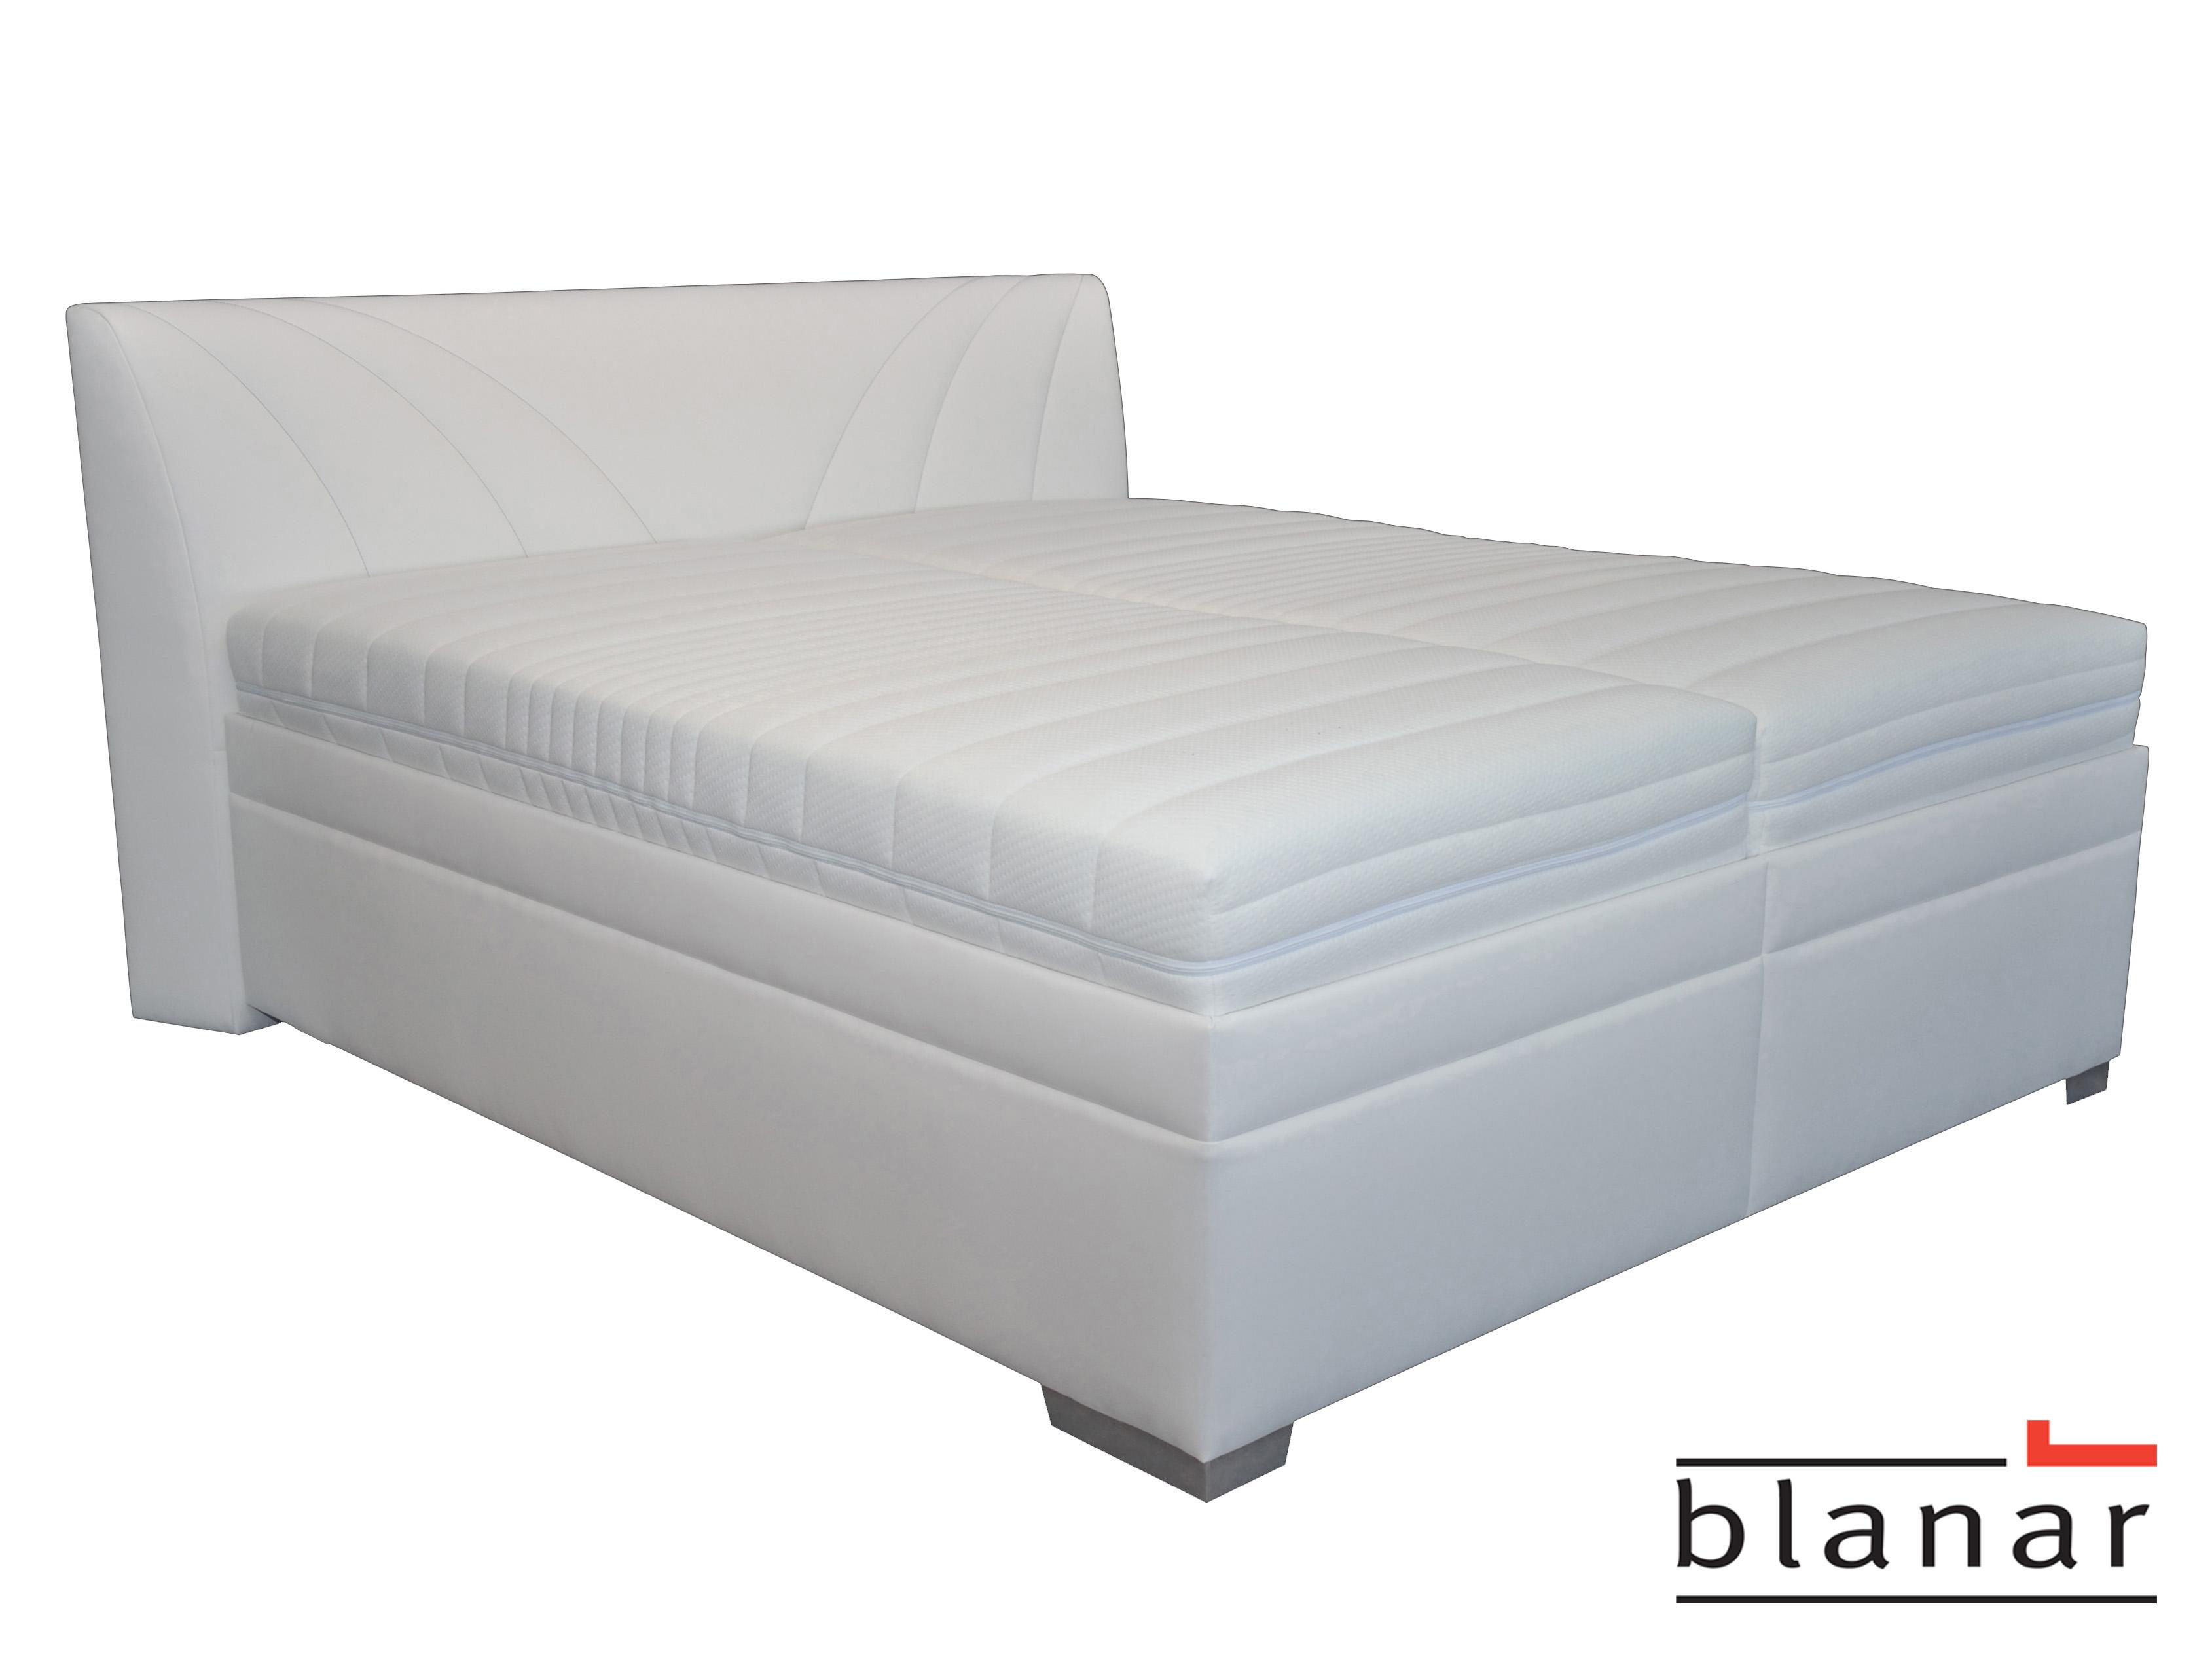 Manželská postel 180 cm - Blanár - Velvet (s roštem a matracemi) (bílá)